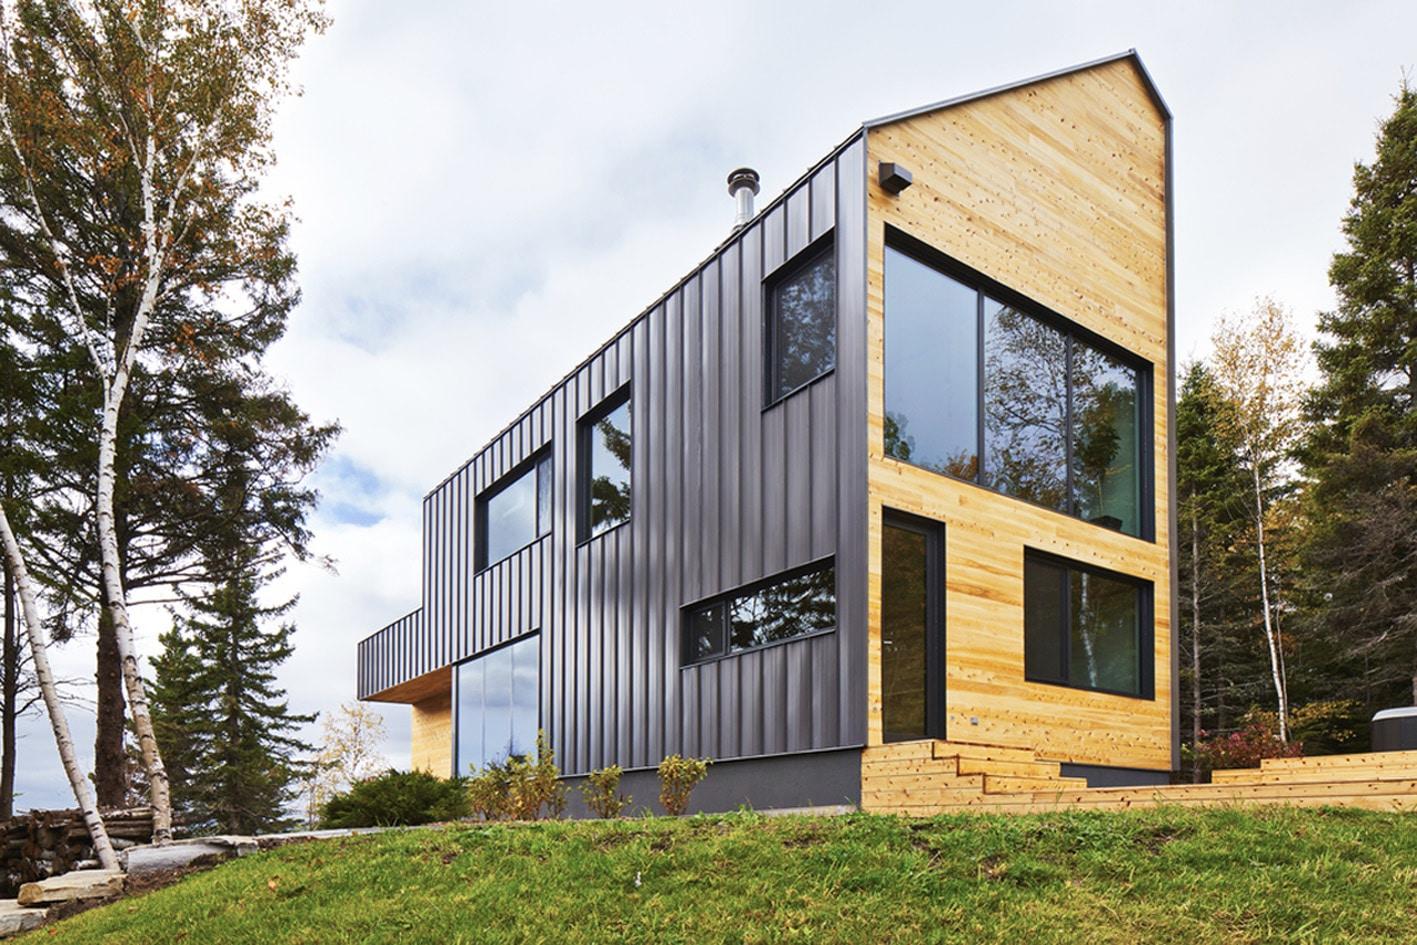 Dise o de casa moderna de dos pisos m s s tano planos for I house architecture